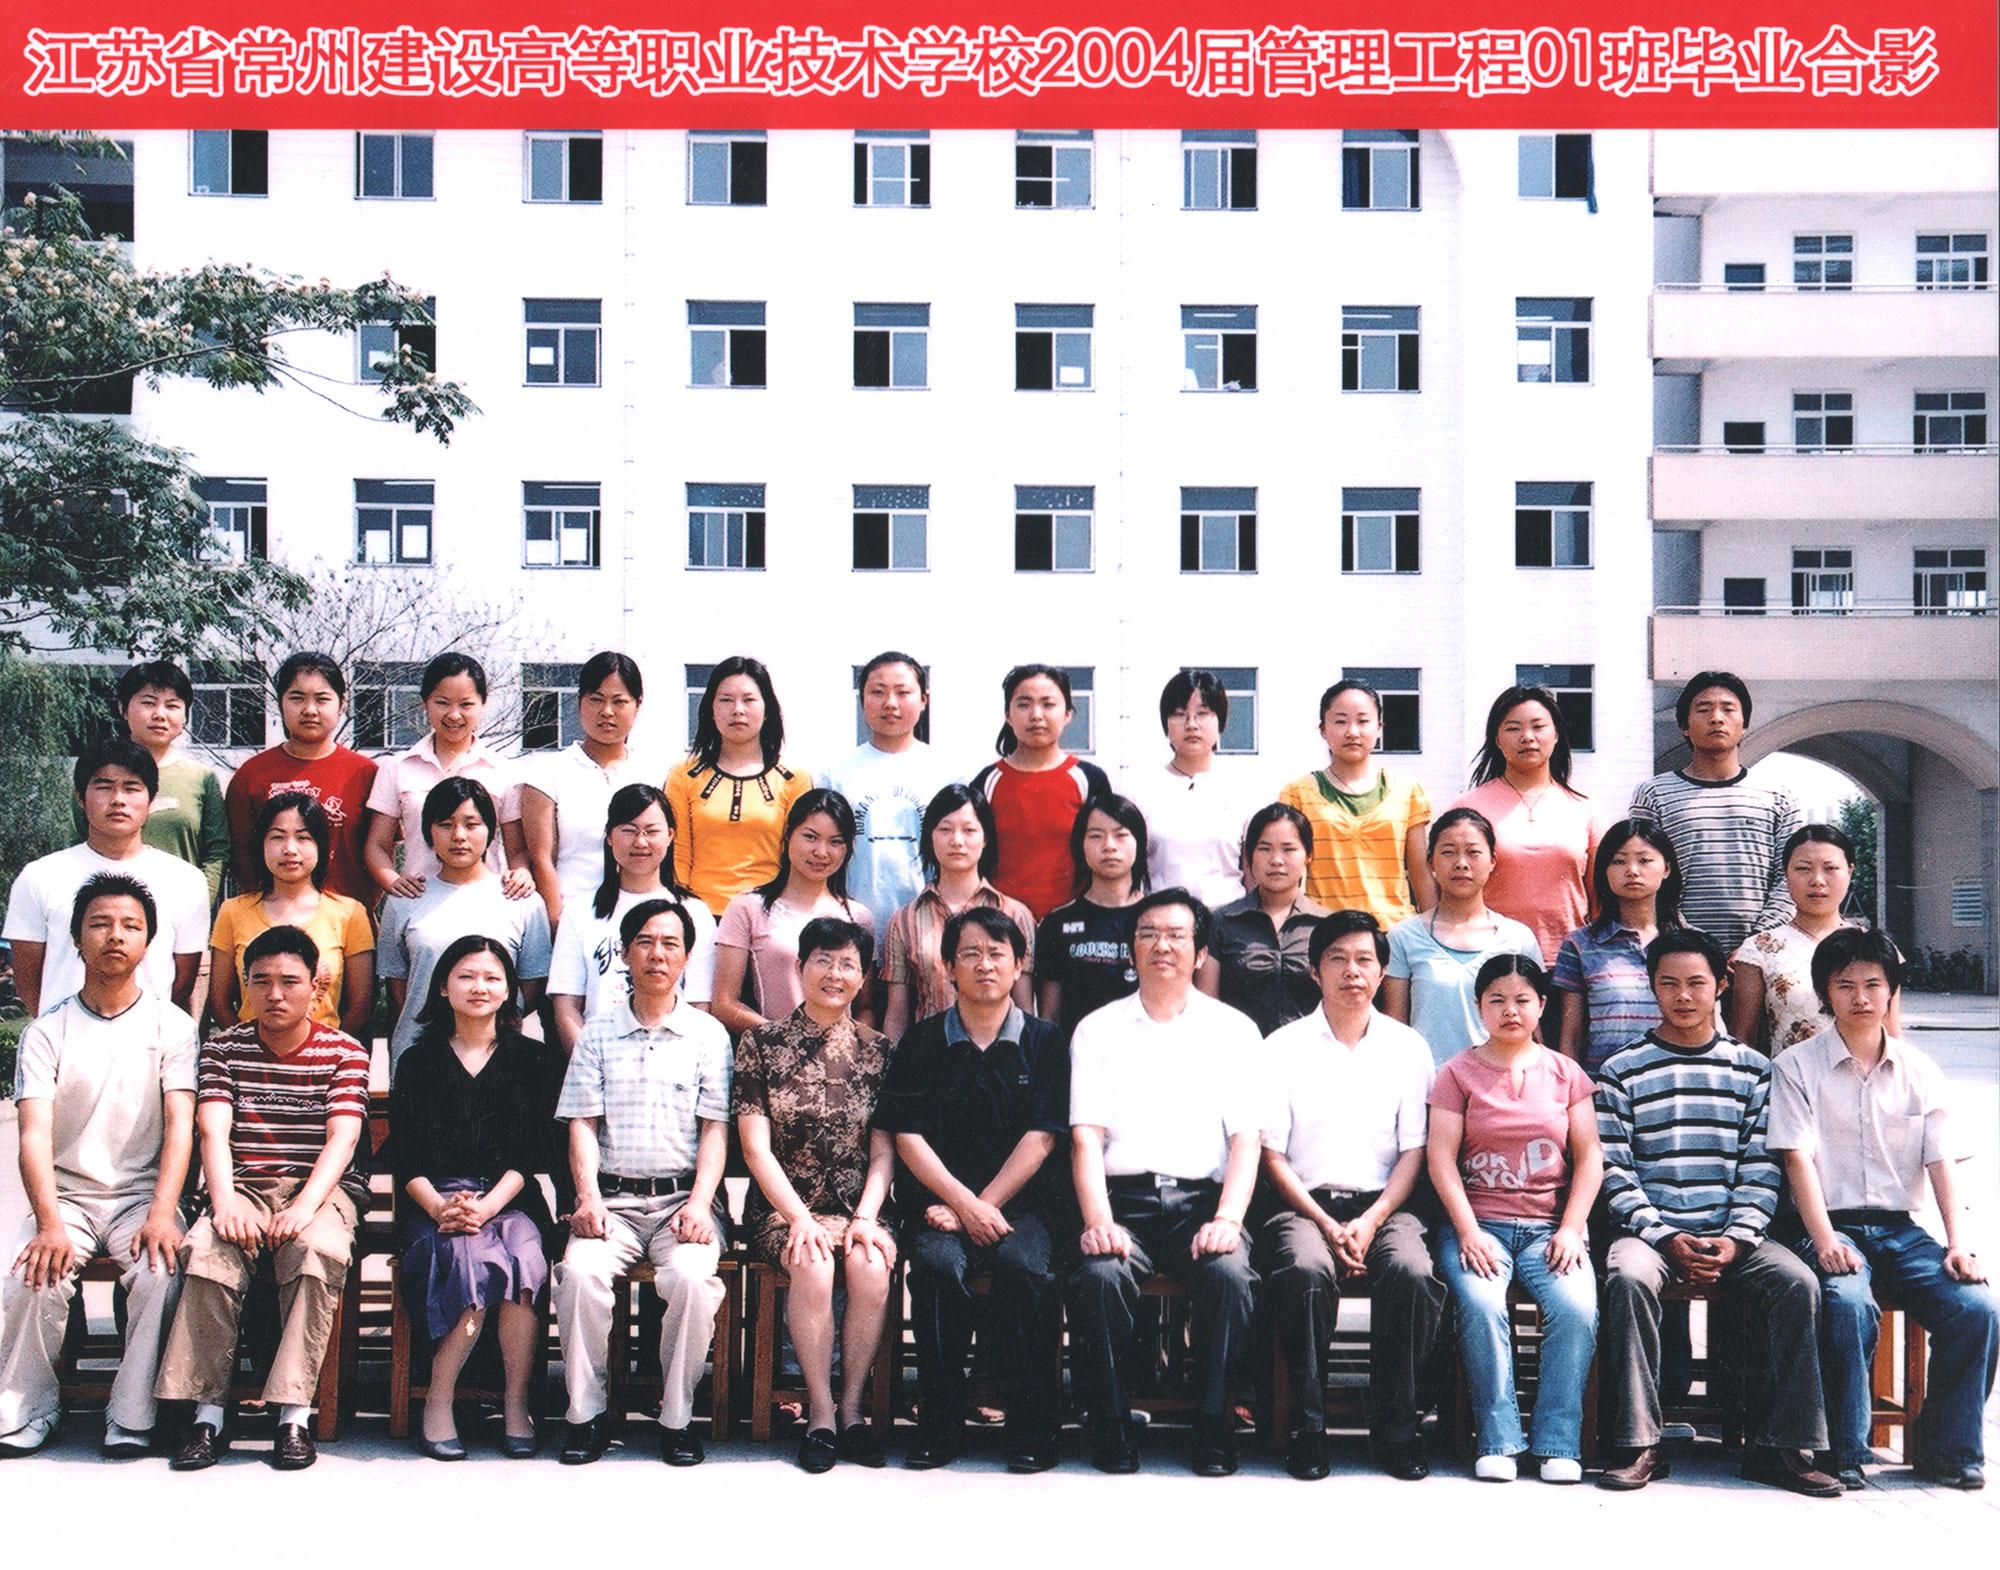 2004届管理工程01班毕业合影